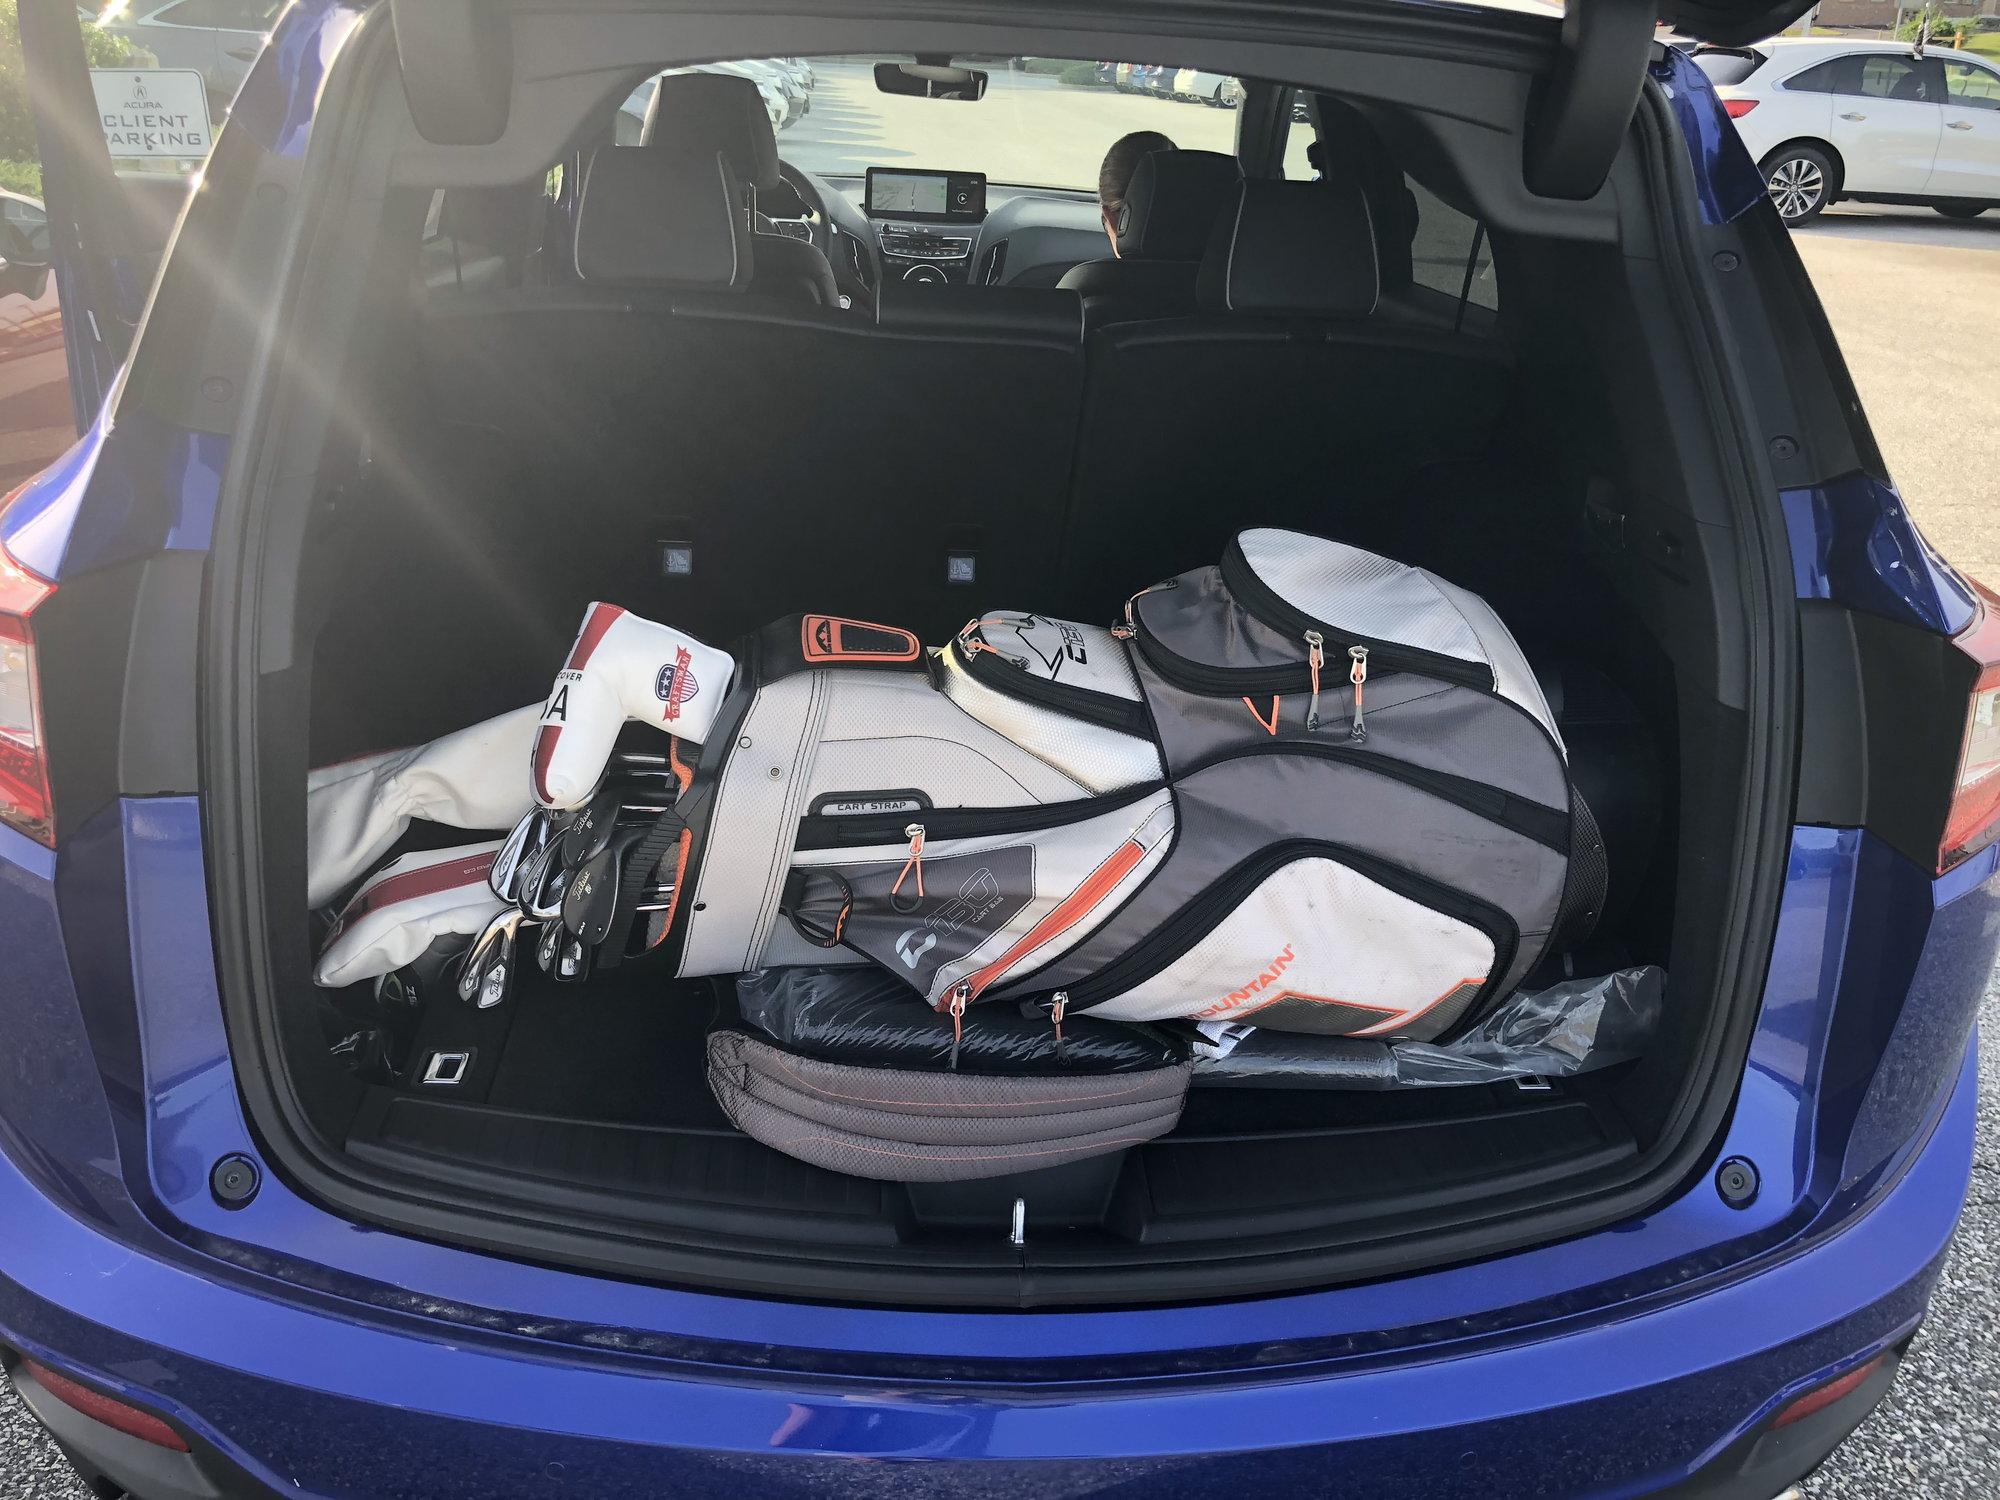 Rear Cargo Golf Clubs AcuraZine Acura Enthusiast Community - Acura golf clubs